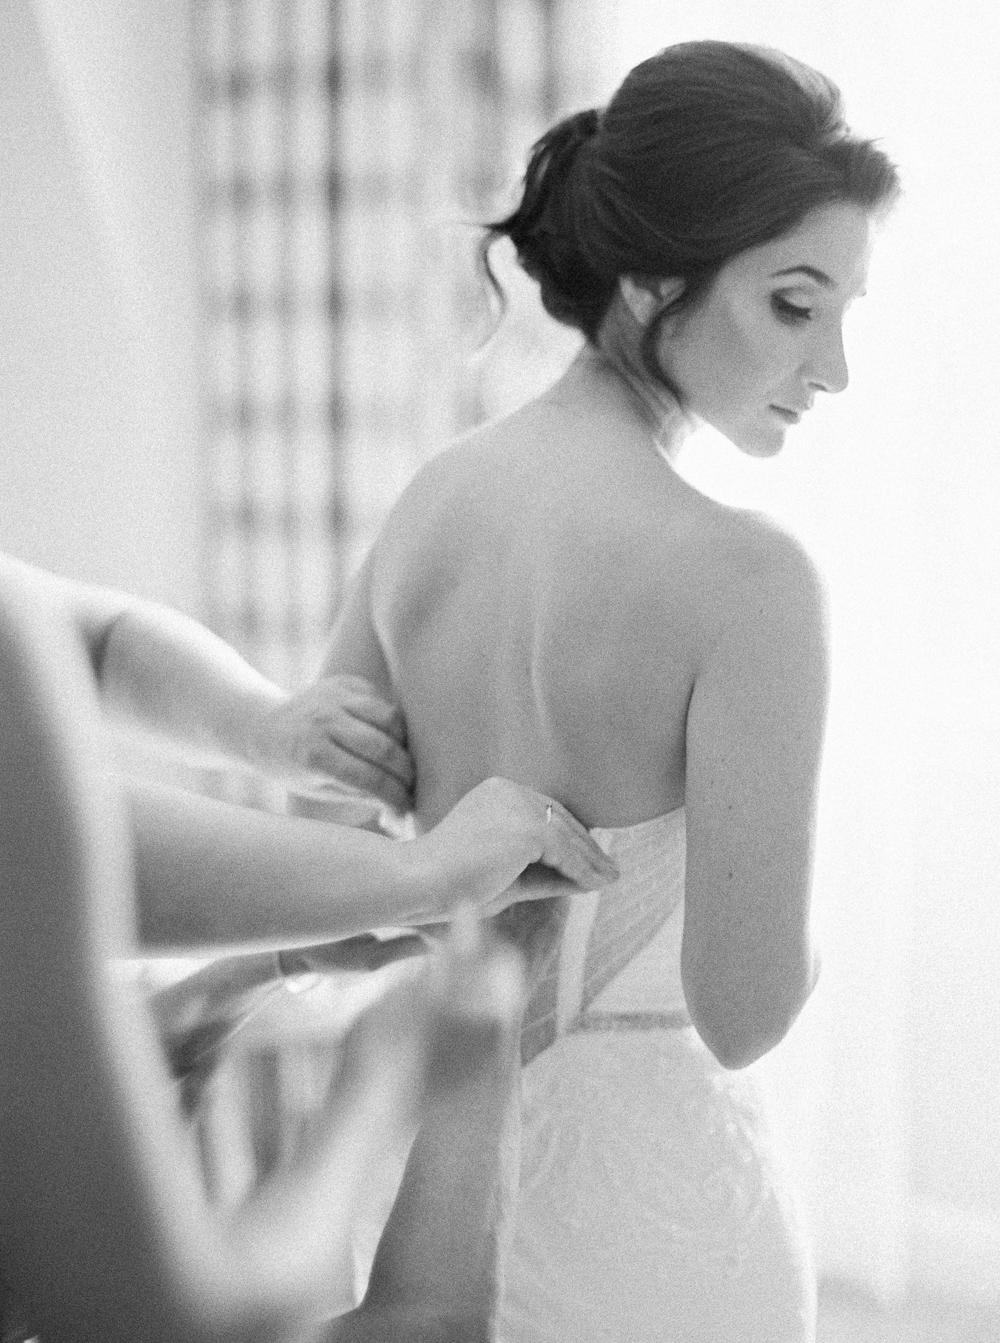 0011-When-He-Found-Her-Muskoka-JW Marriott-The Rosseau-shea-events-sweet-woodruff-canadian-resort-wedding.jpg